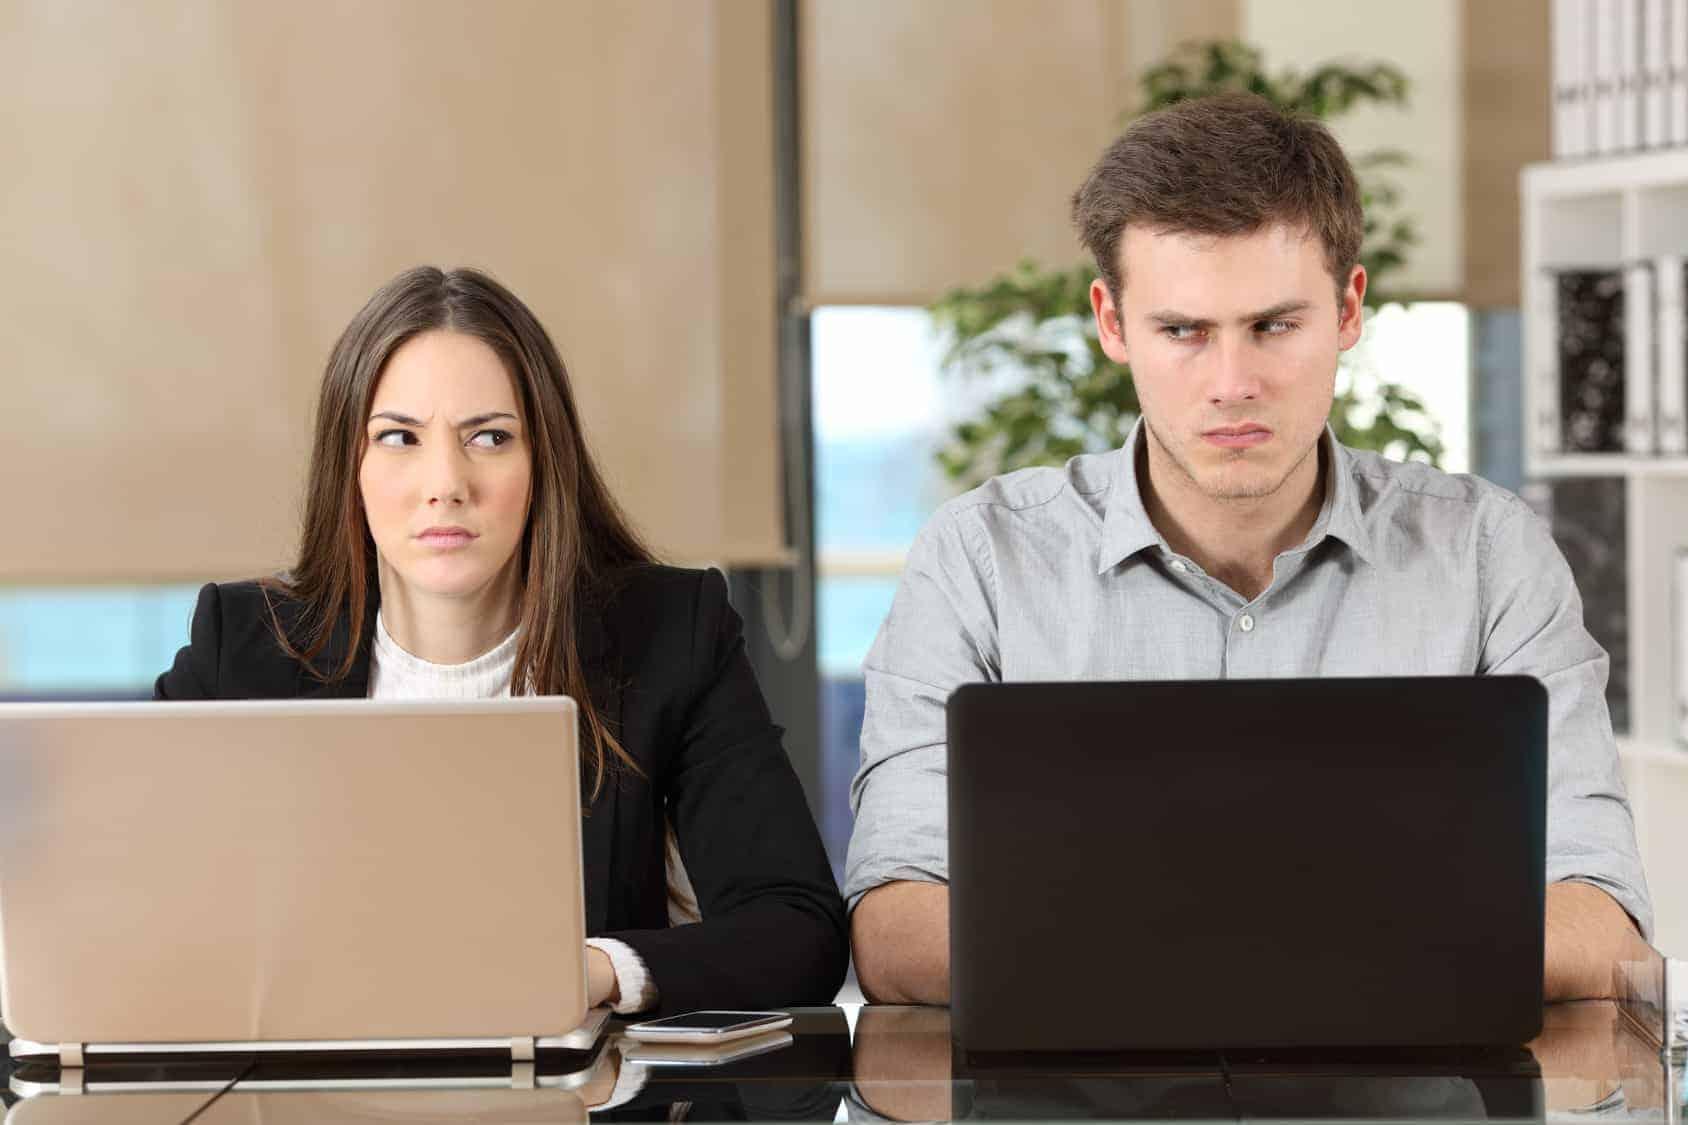 Mann und Frau sitzen vor ihren Laptops und werfen sich böse Blicke zu (nervige Kollegen)